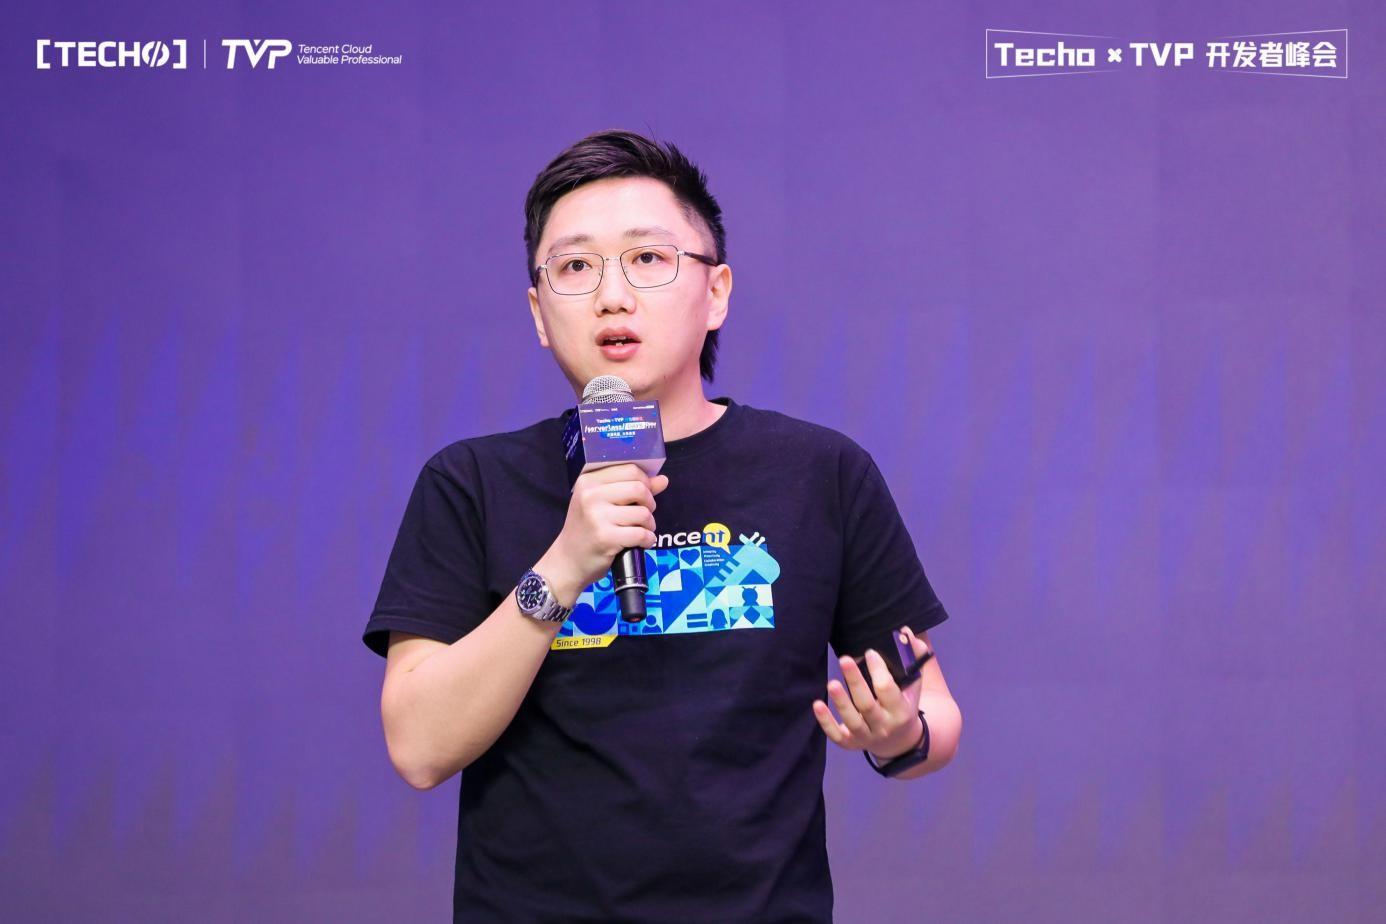 创下国内 Serverless 峰会新记录!第二届 Techo TVP 开发者峰会闪耀北京